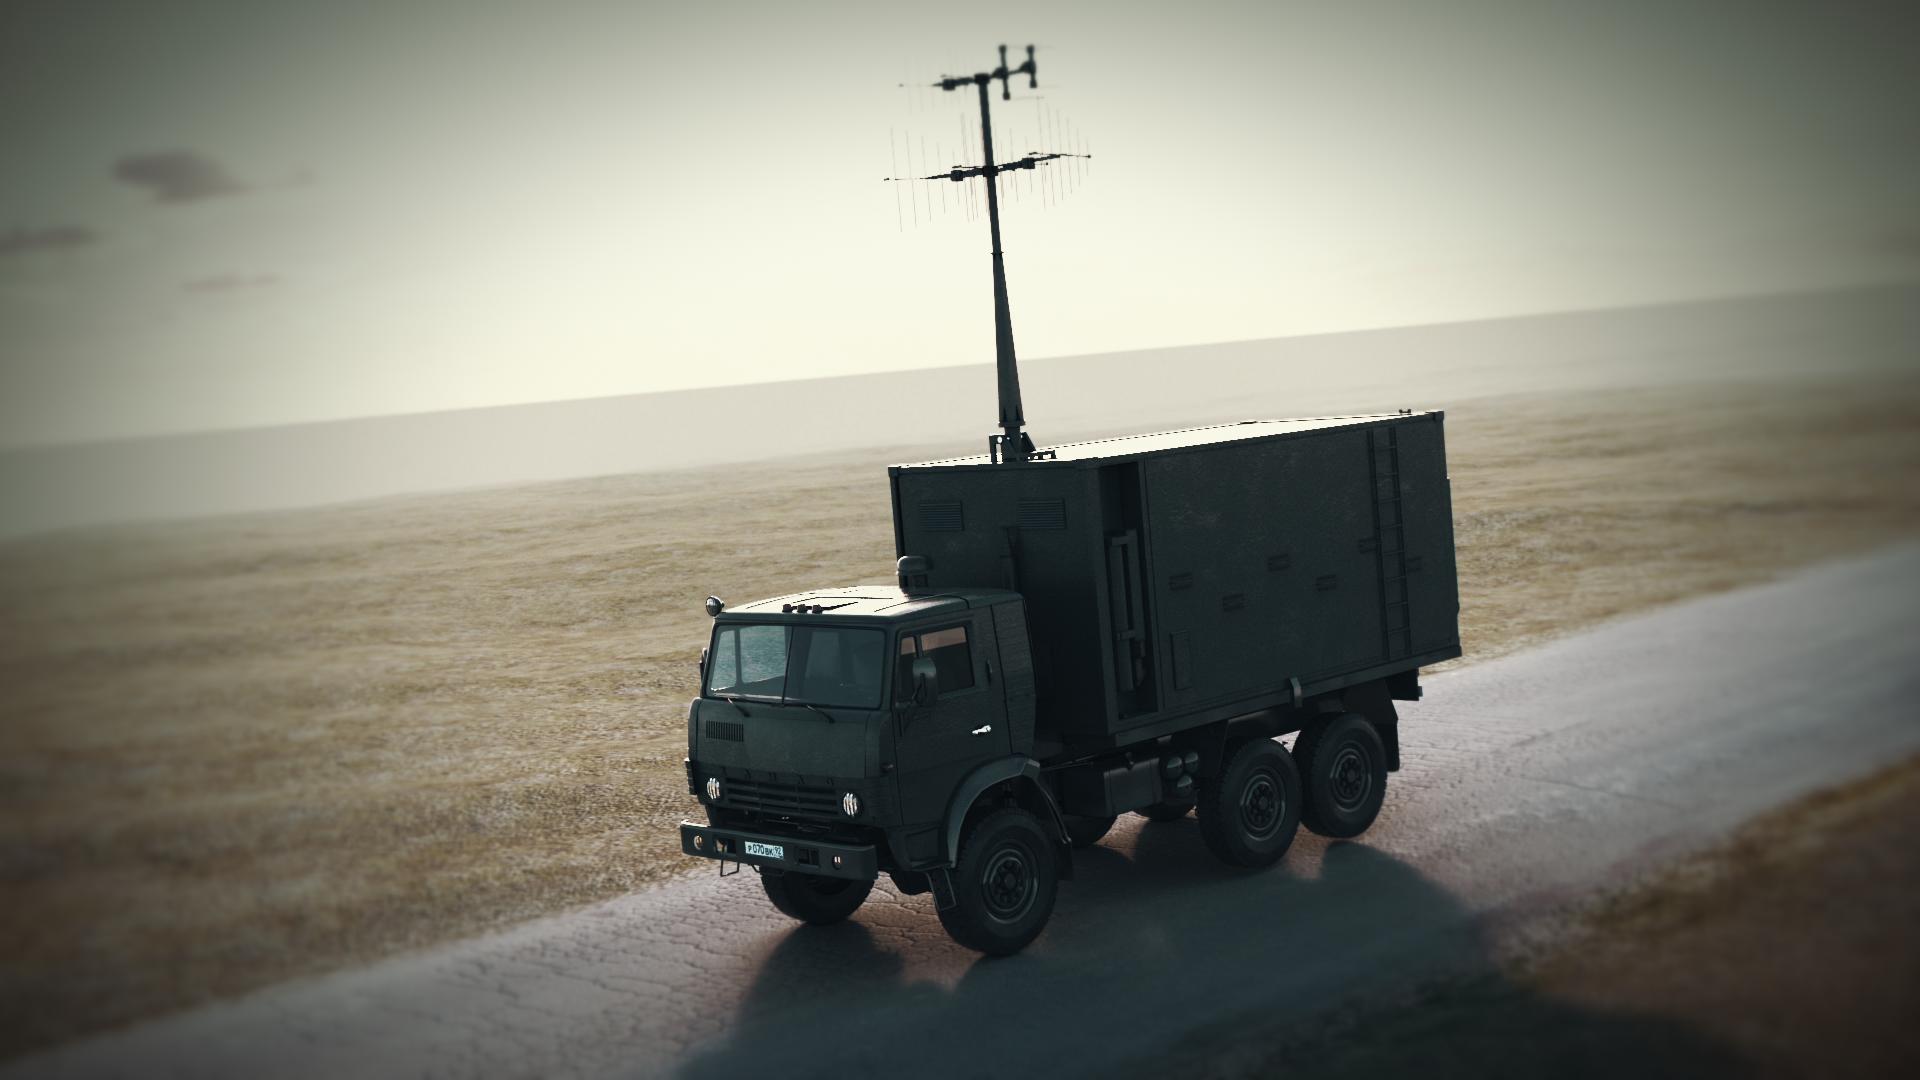 Наземная станция управления БПЛА (кадр из 3д-анимации)